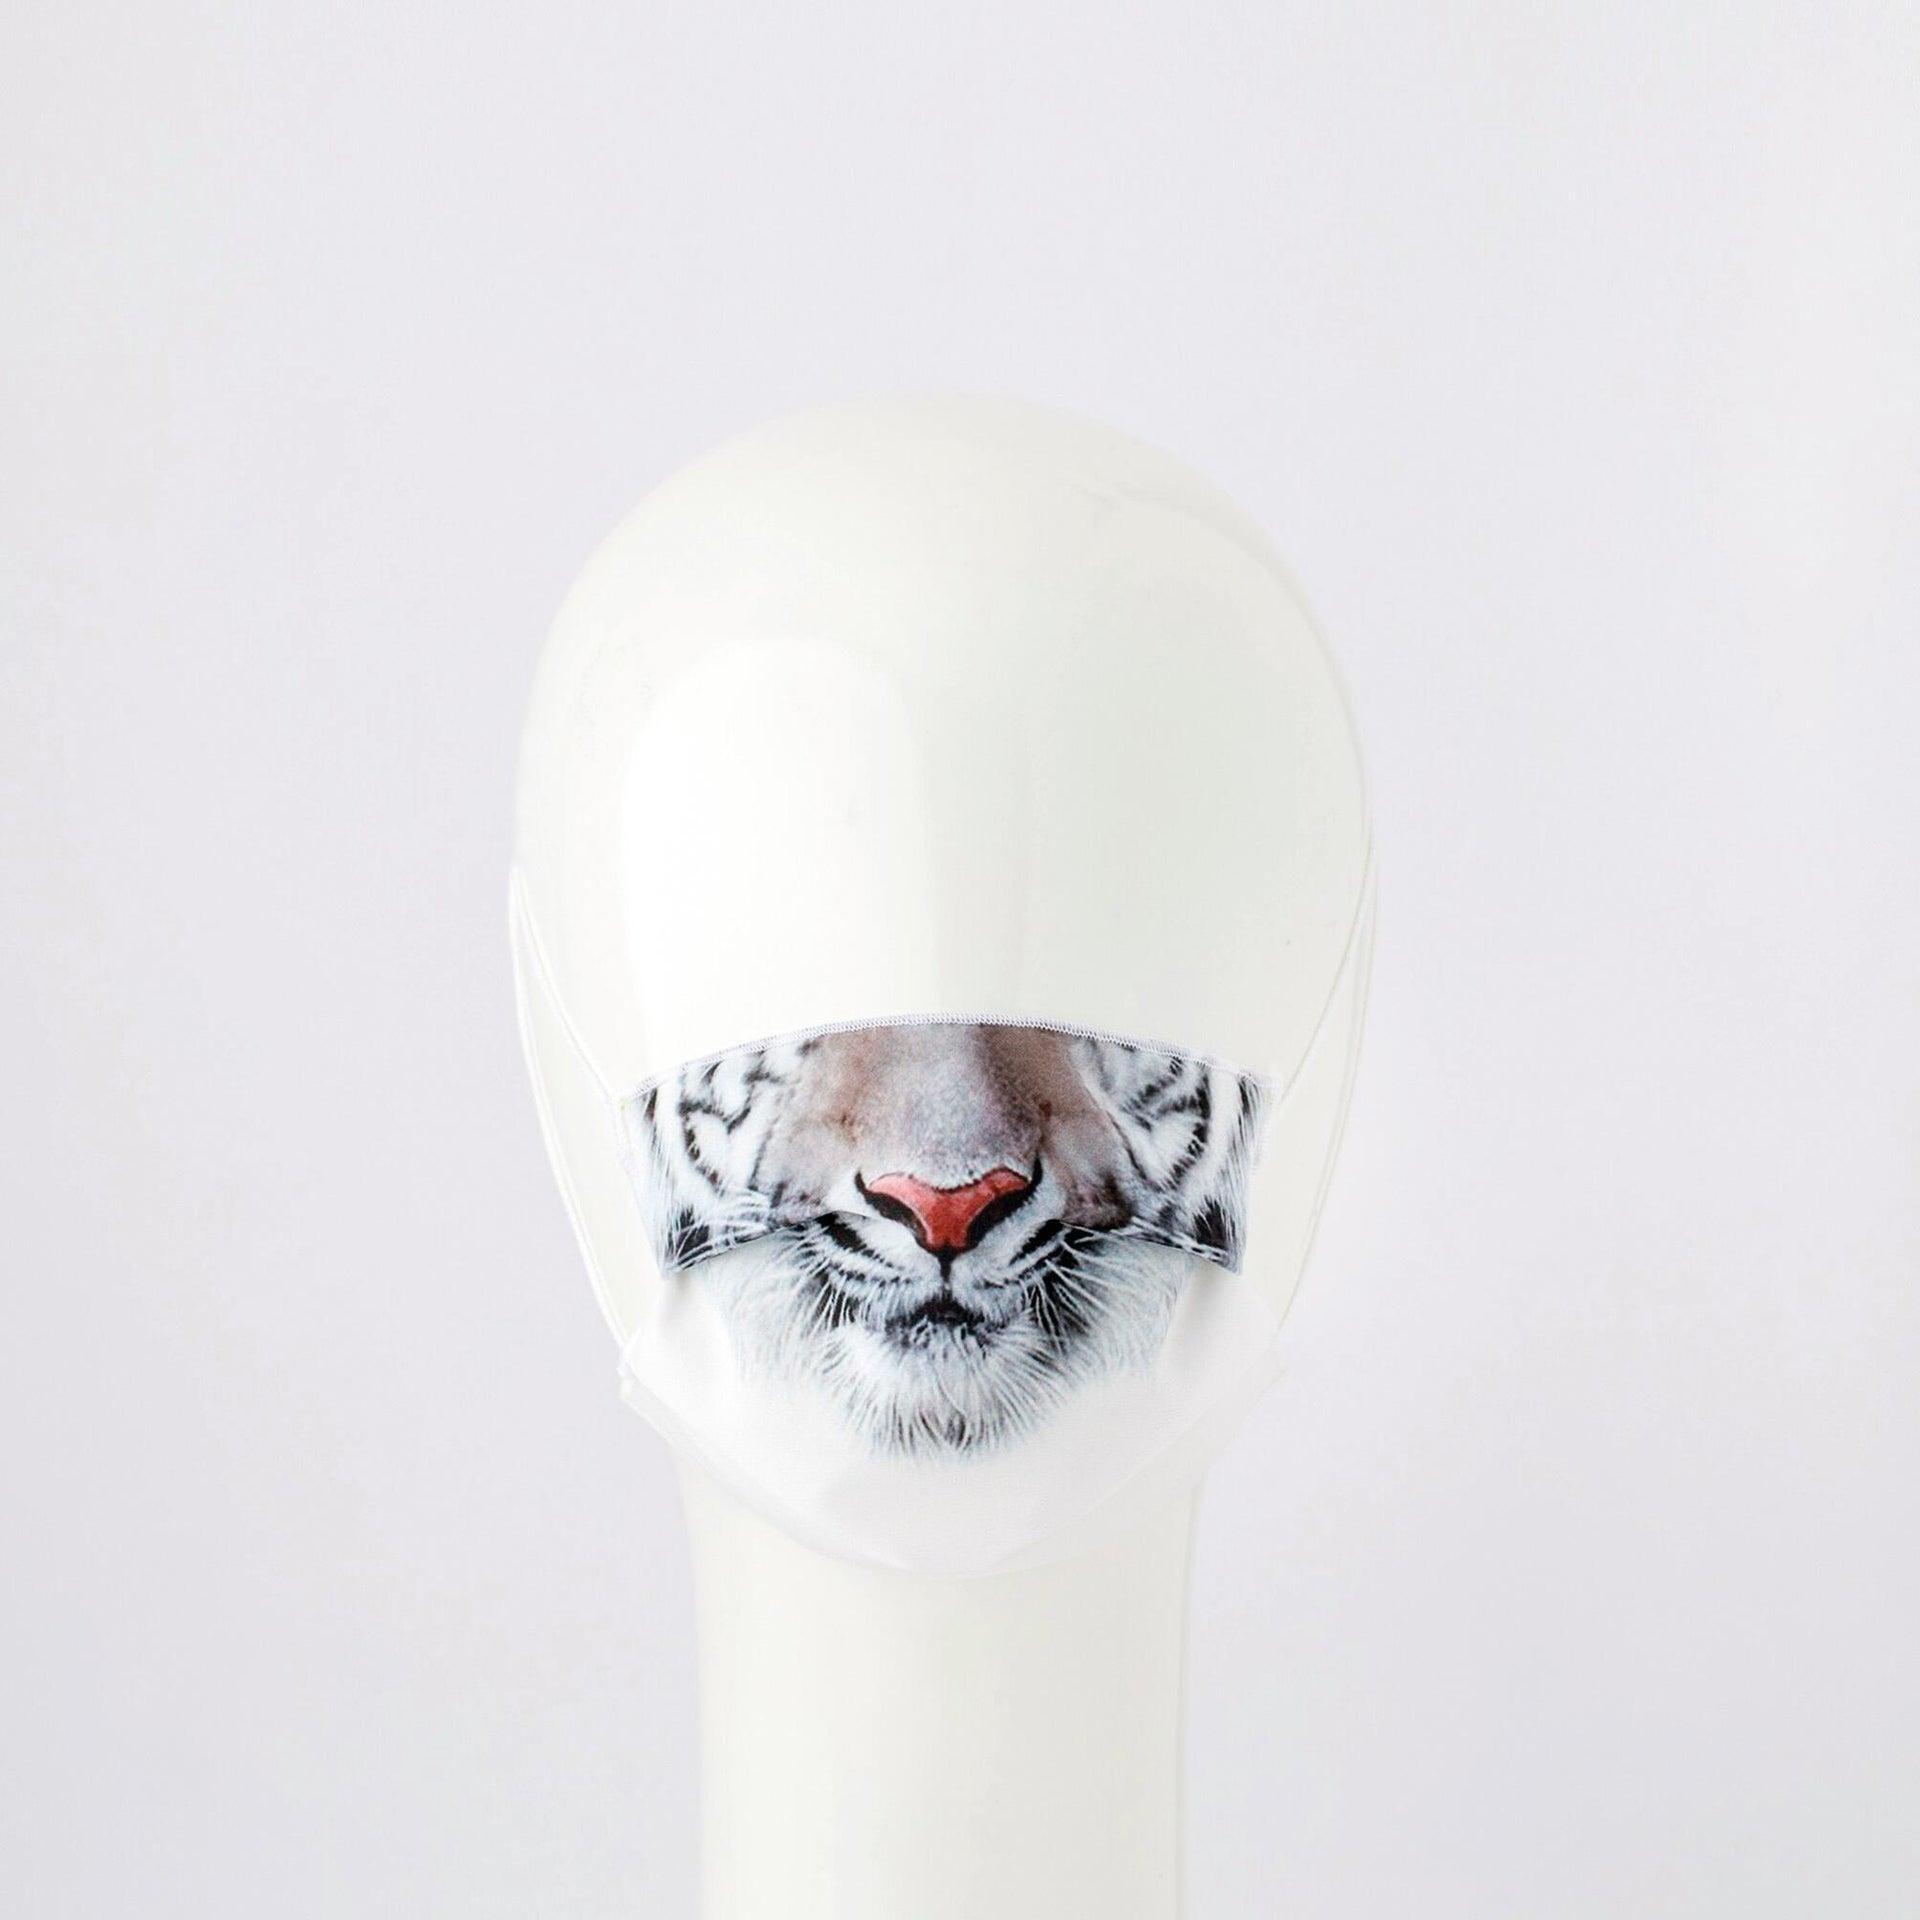 Maschera in tessuto lavabile per utilizzo non sanitario Baby tigre - 1